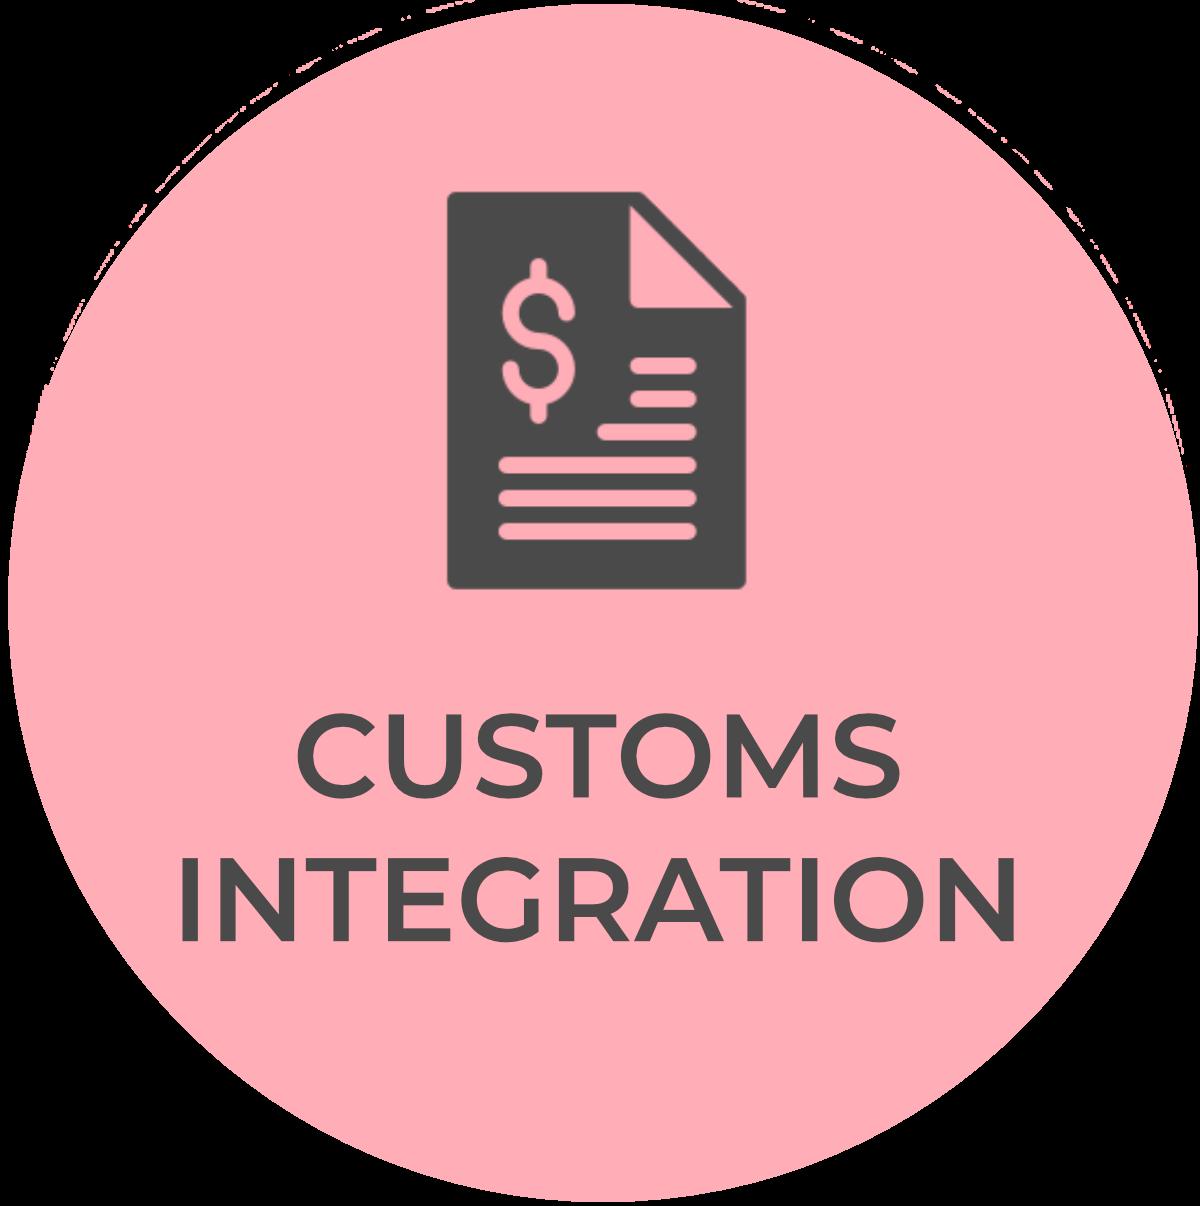 customs integration